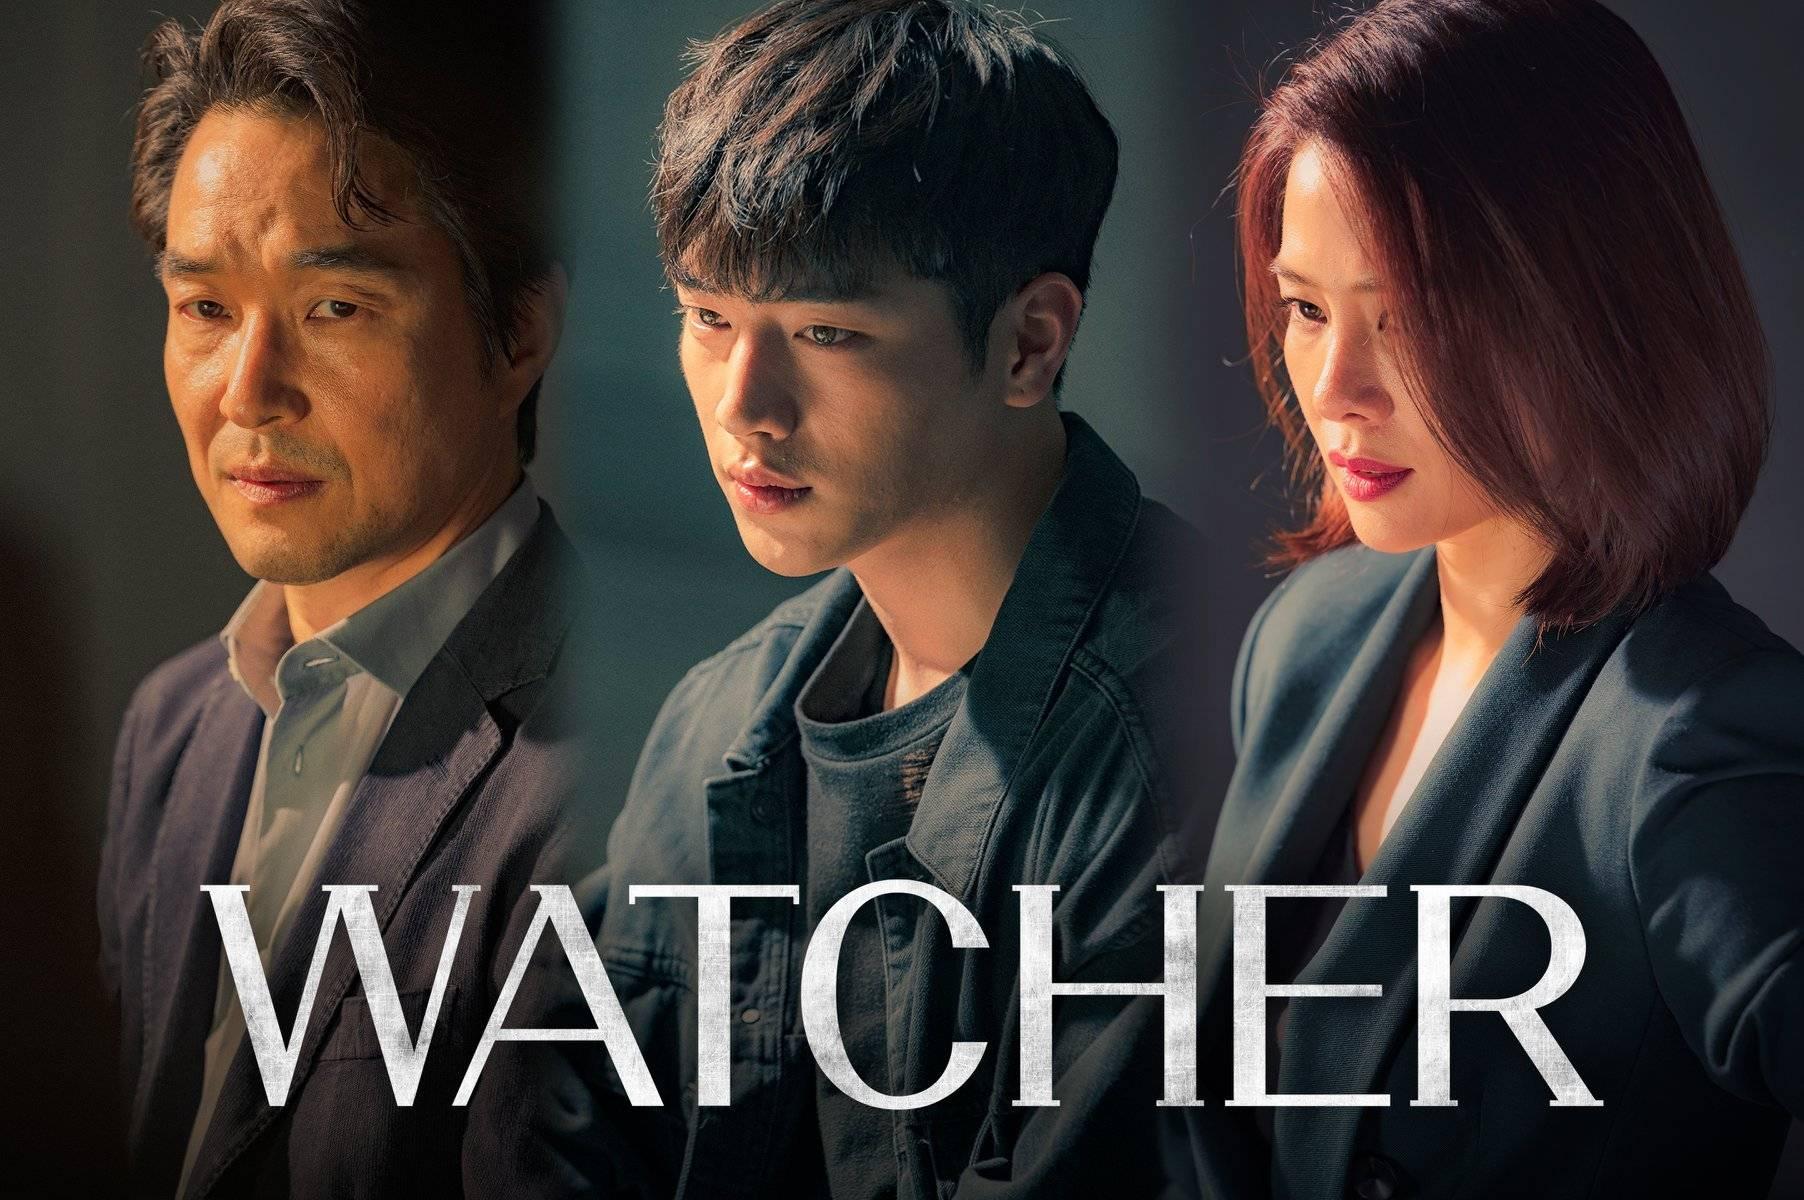 監視者 Watcher